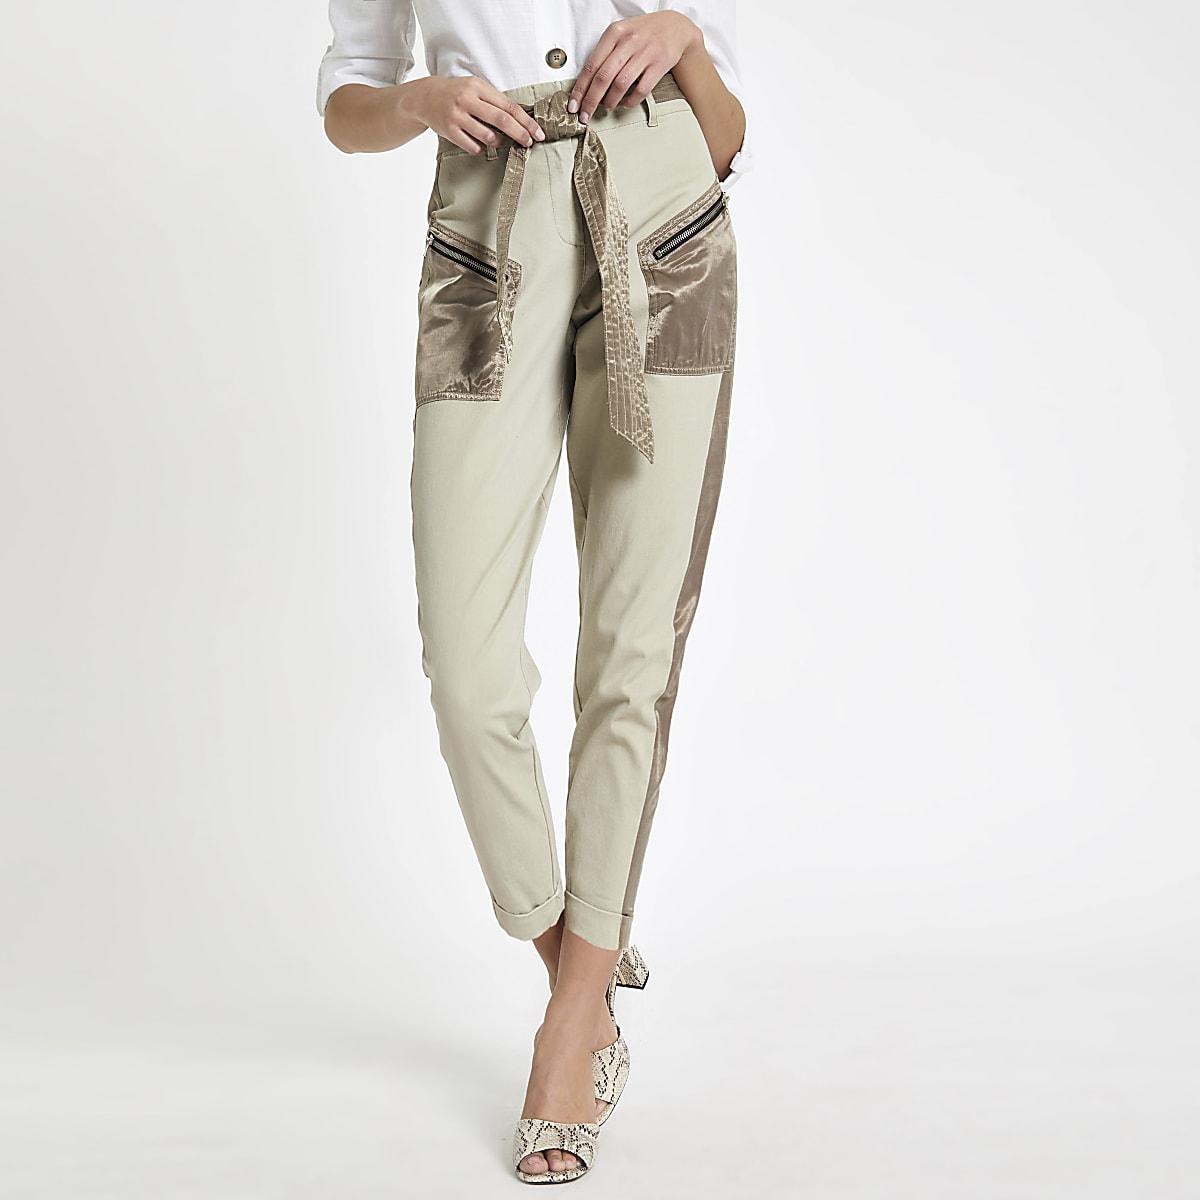 Pantalon cargo beige à ceinture avec détail en satin